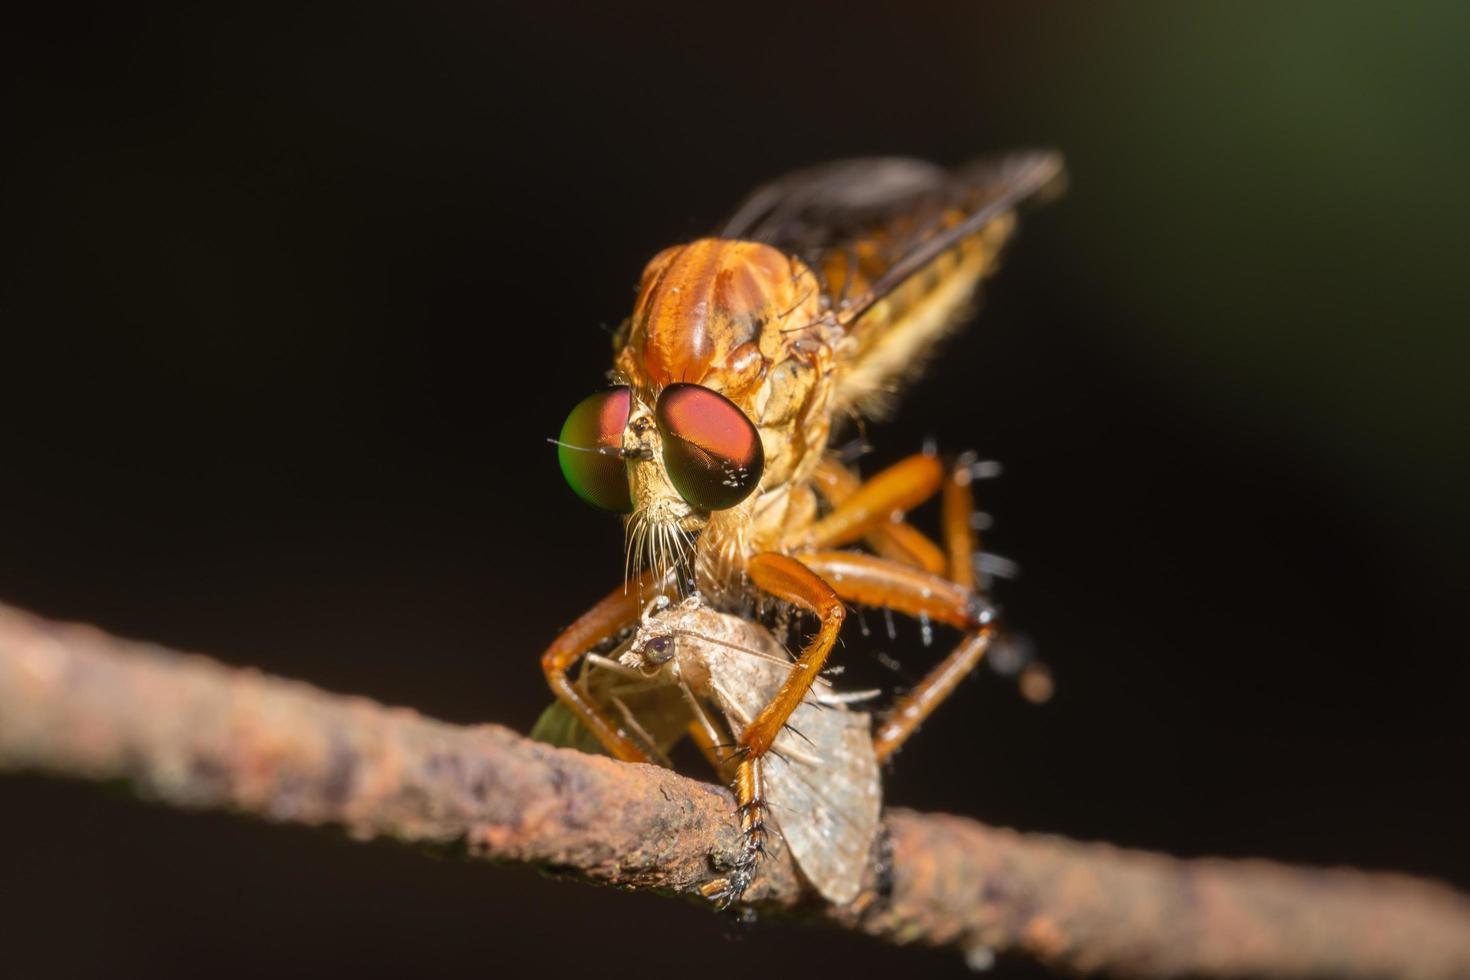 Räuber fliegen Nahaufnahme foto